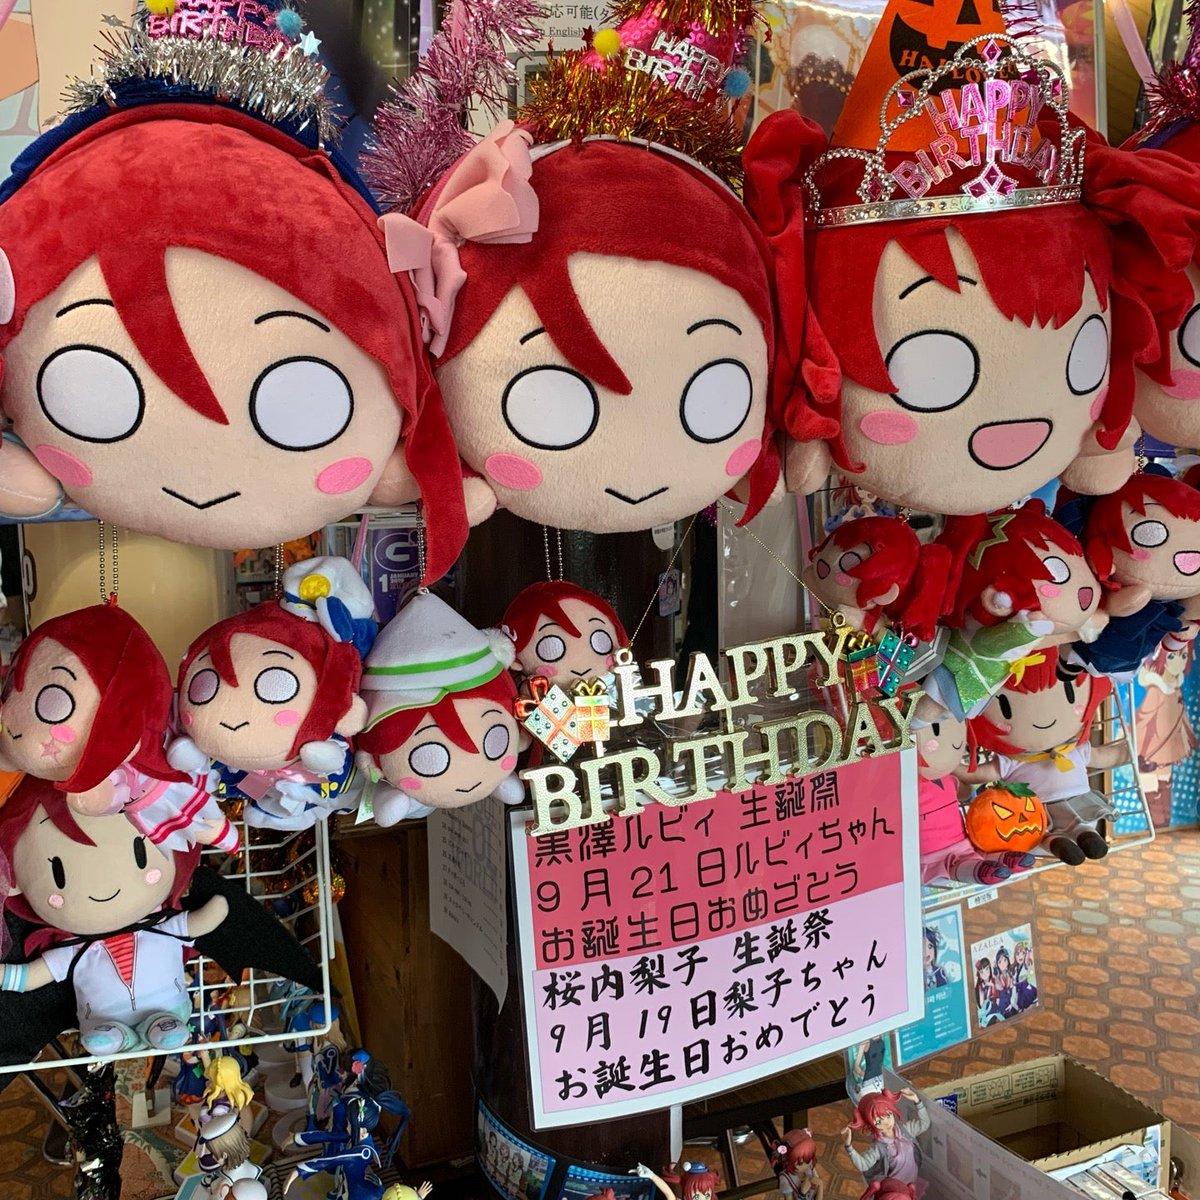 三の浦総合案内所(3)黒澤ルビィ生誕祭、桜内梨子生誕祭